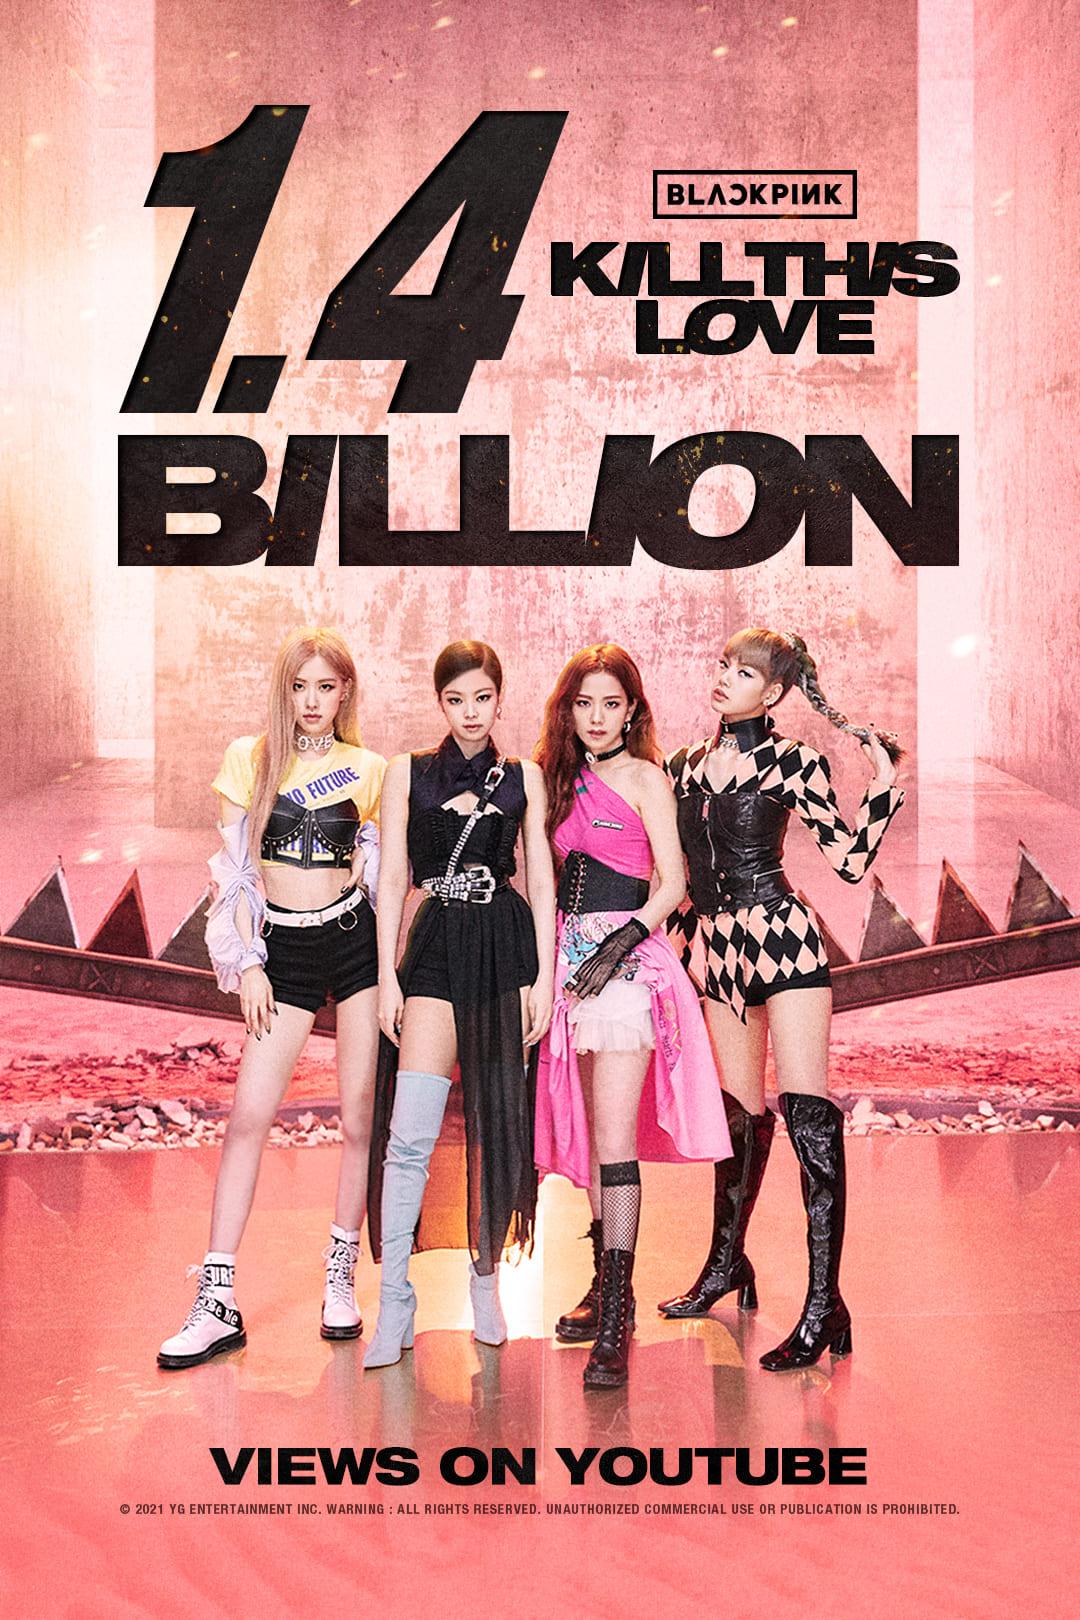 블랙핑크, 'Kill This Love' 뮤비 14억 뷰 돌파